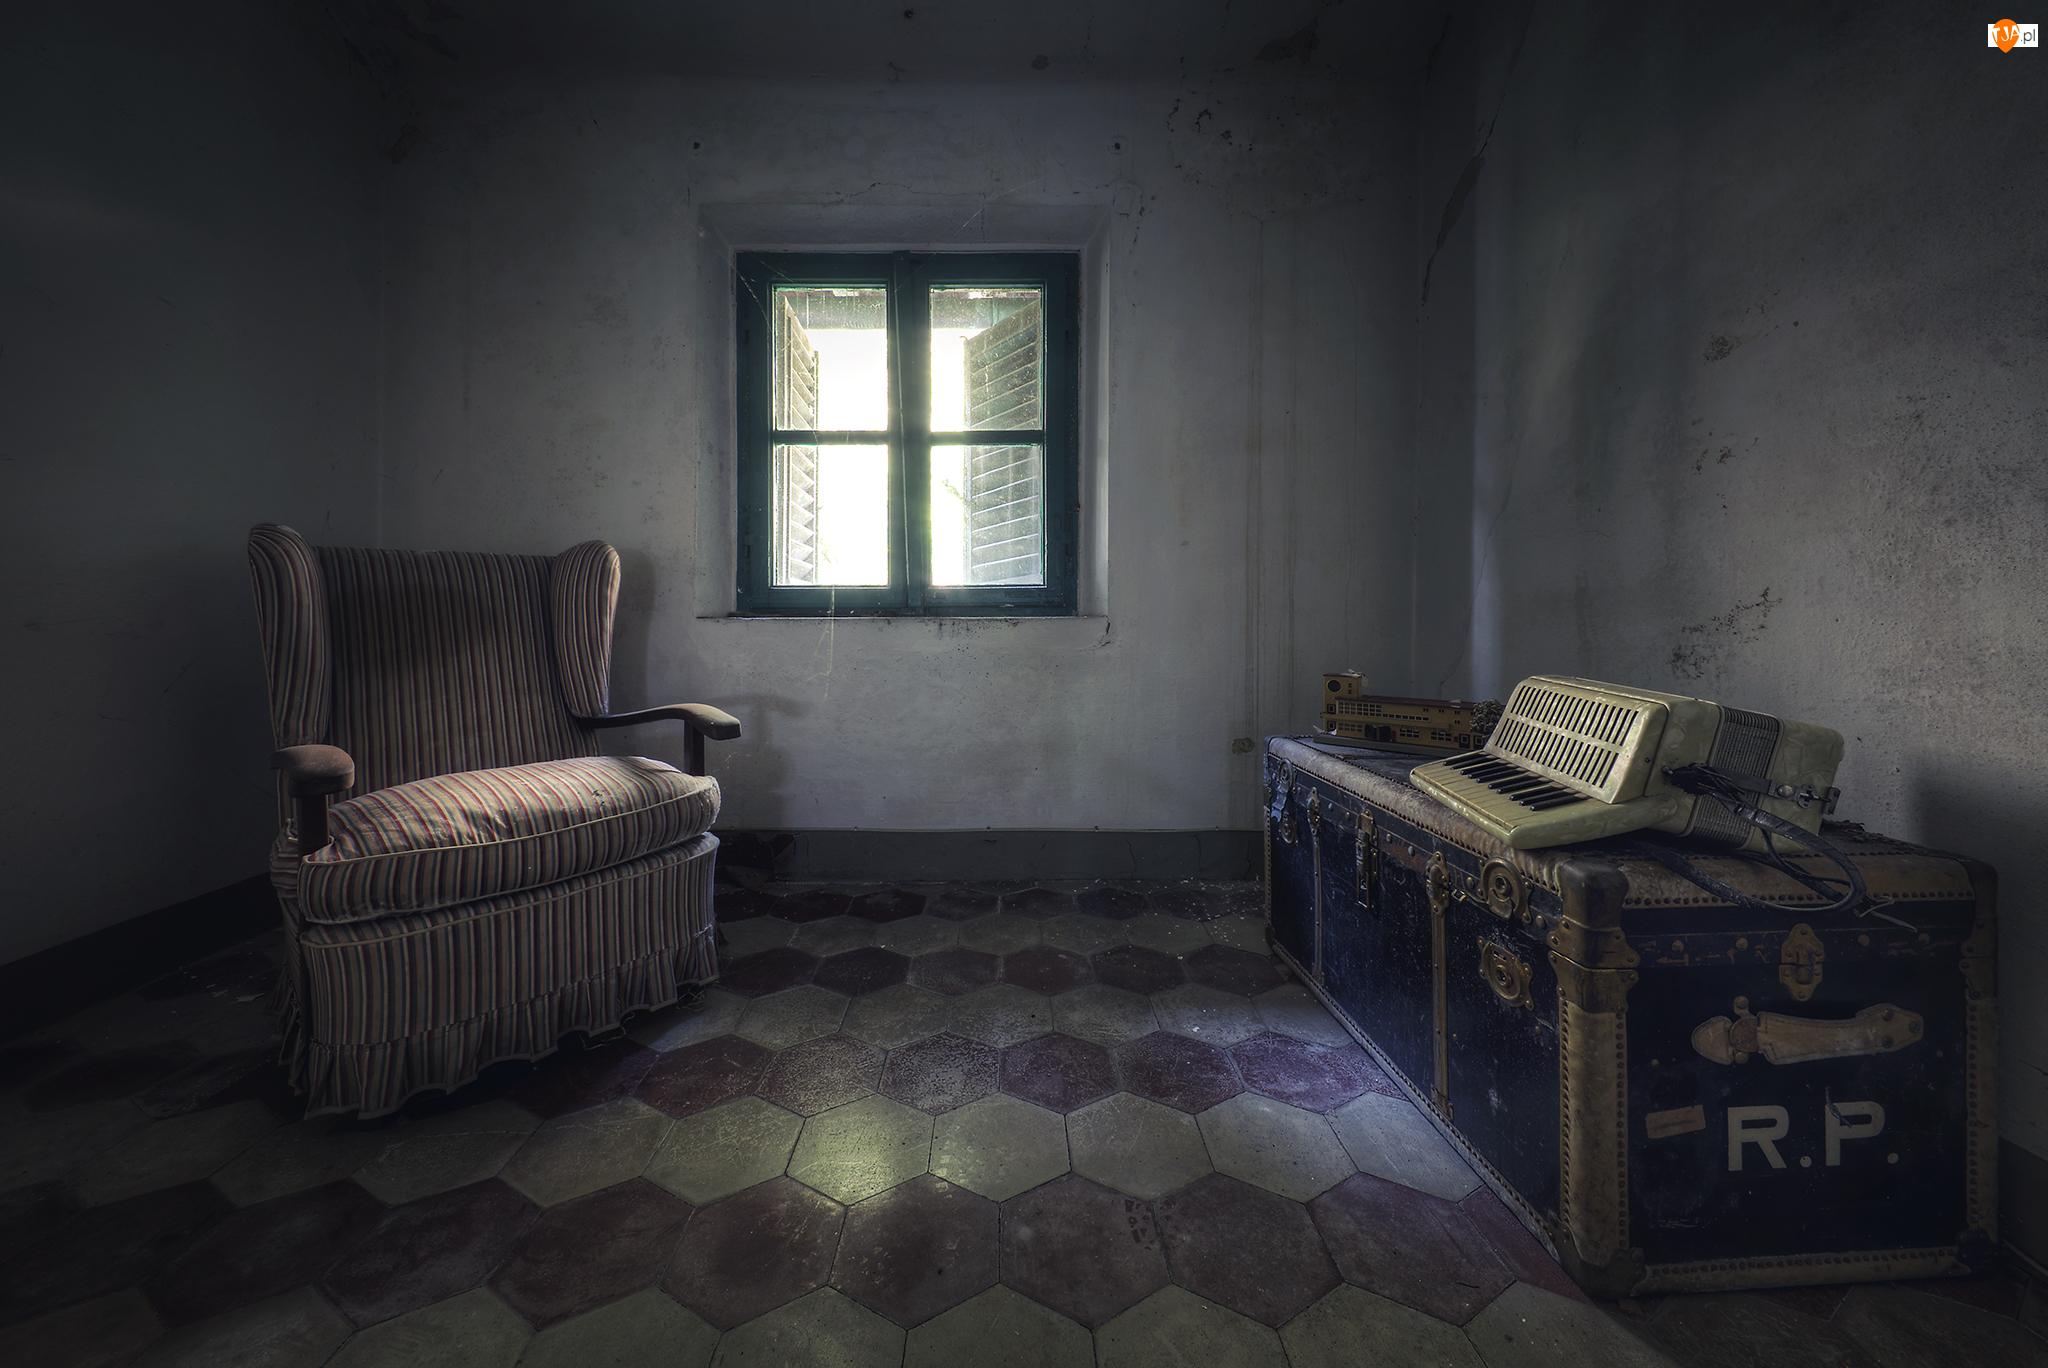 Okno, Pokój, Skrzynia, Fotel, Akordeon